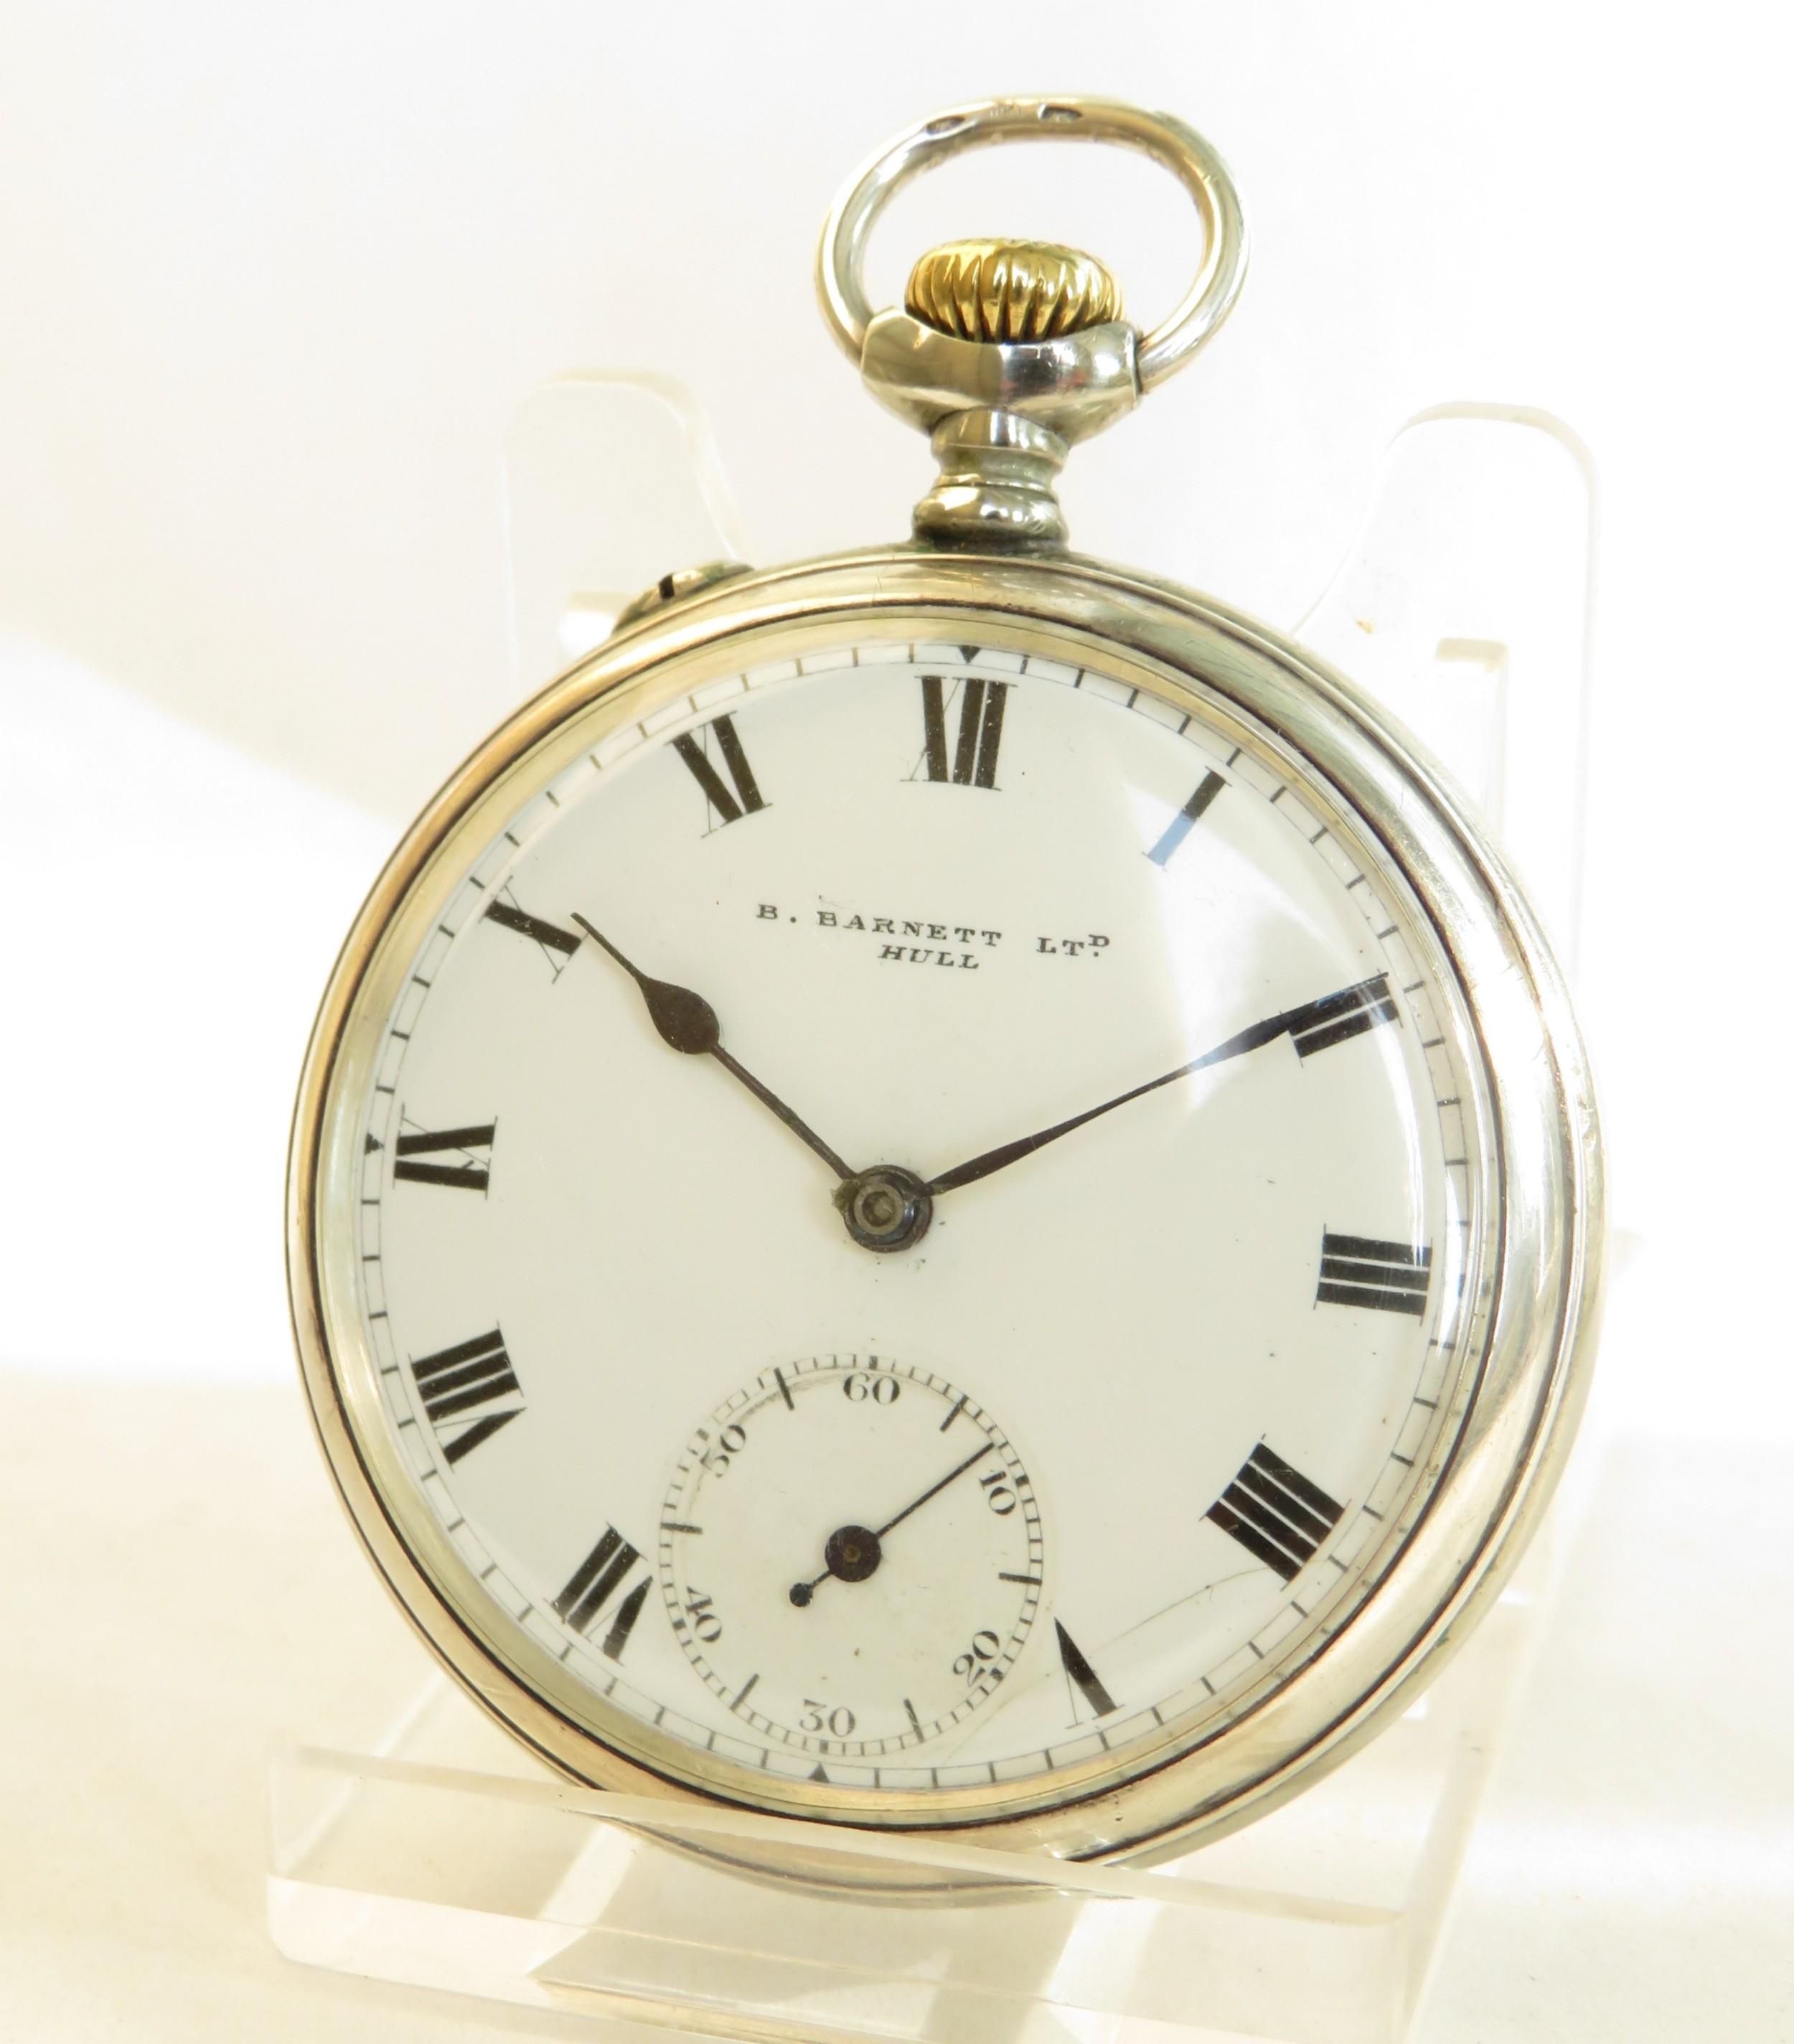 1930s junghans pocket watch b barnett hull